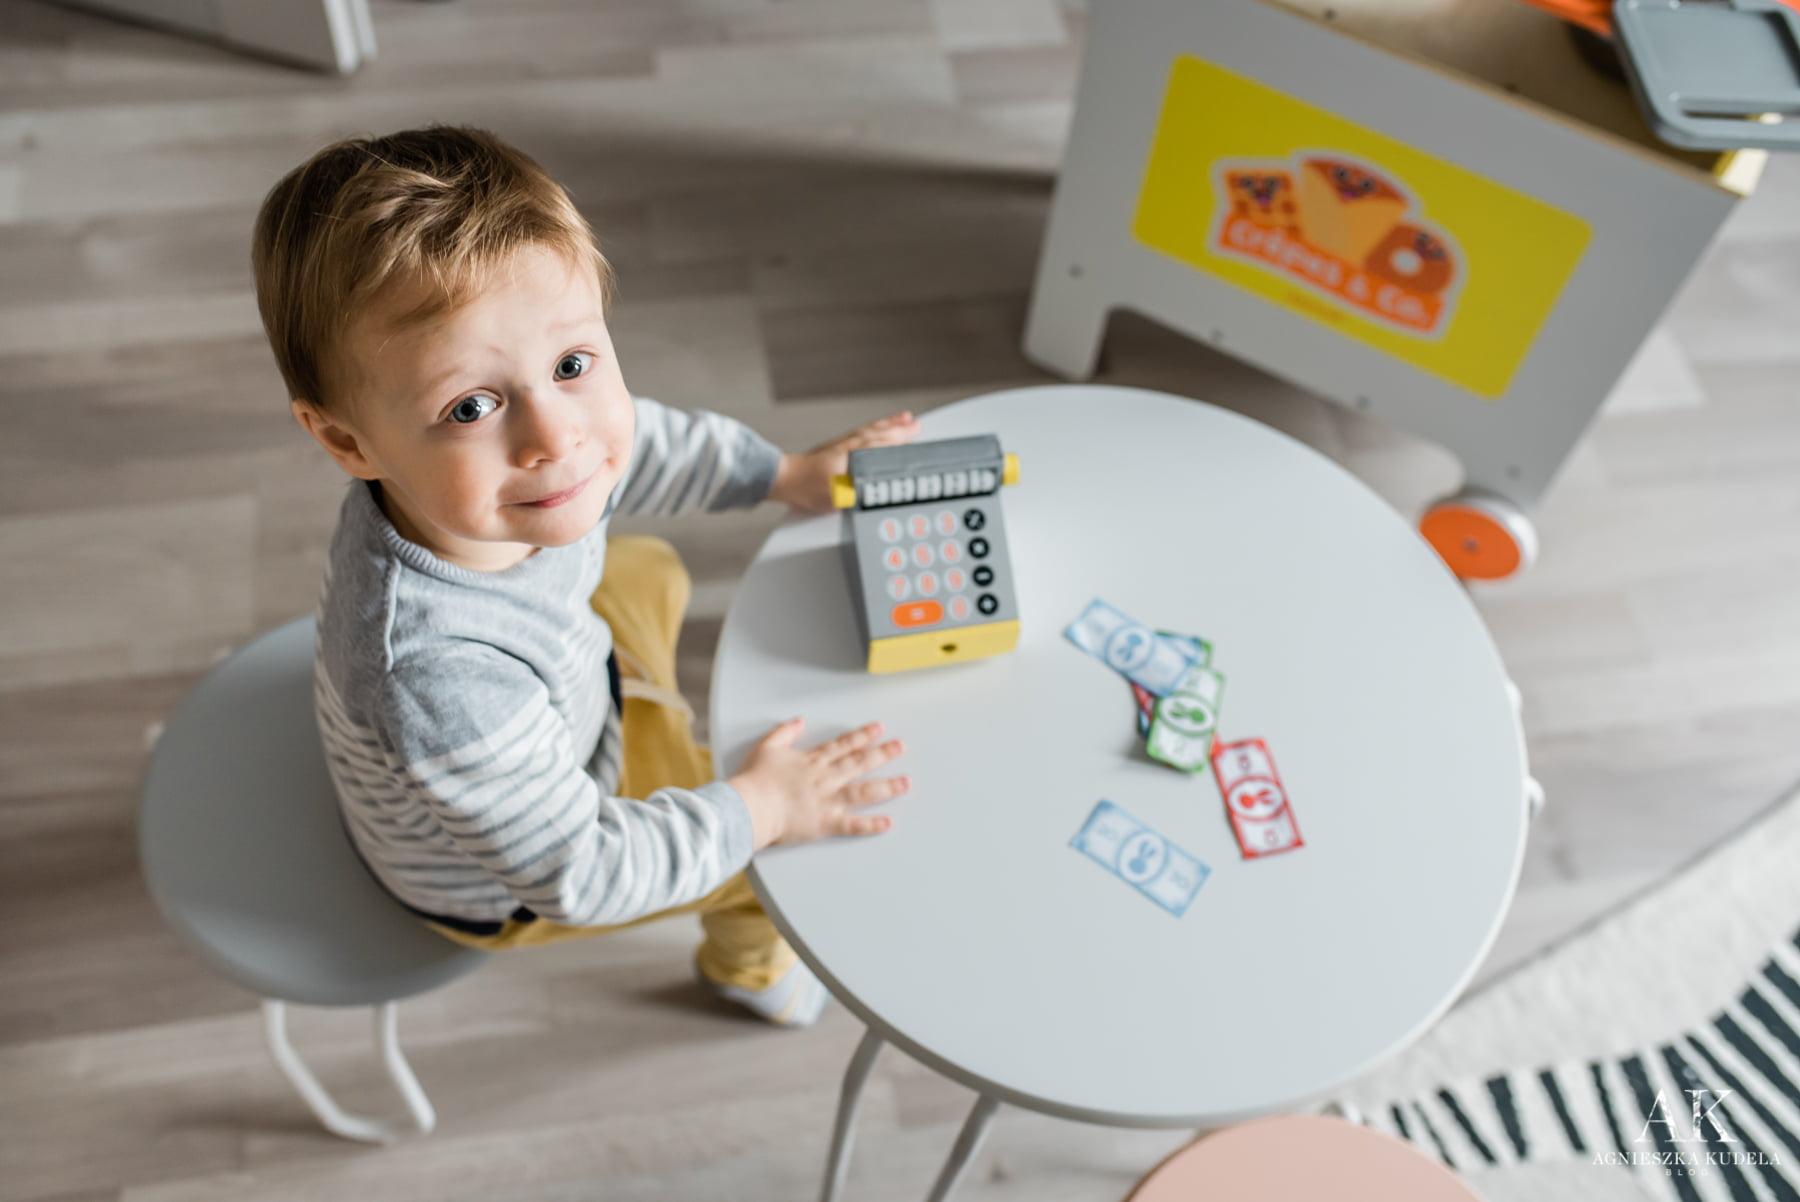 zabawki dla trzylatka najlepsze